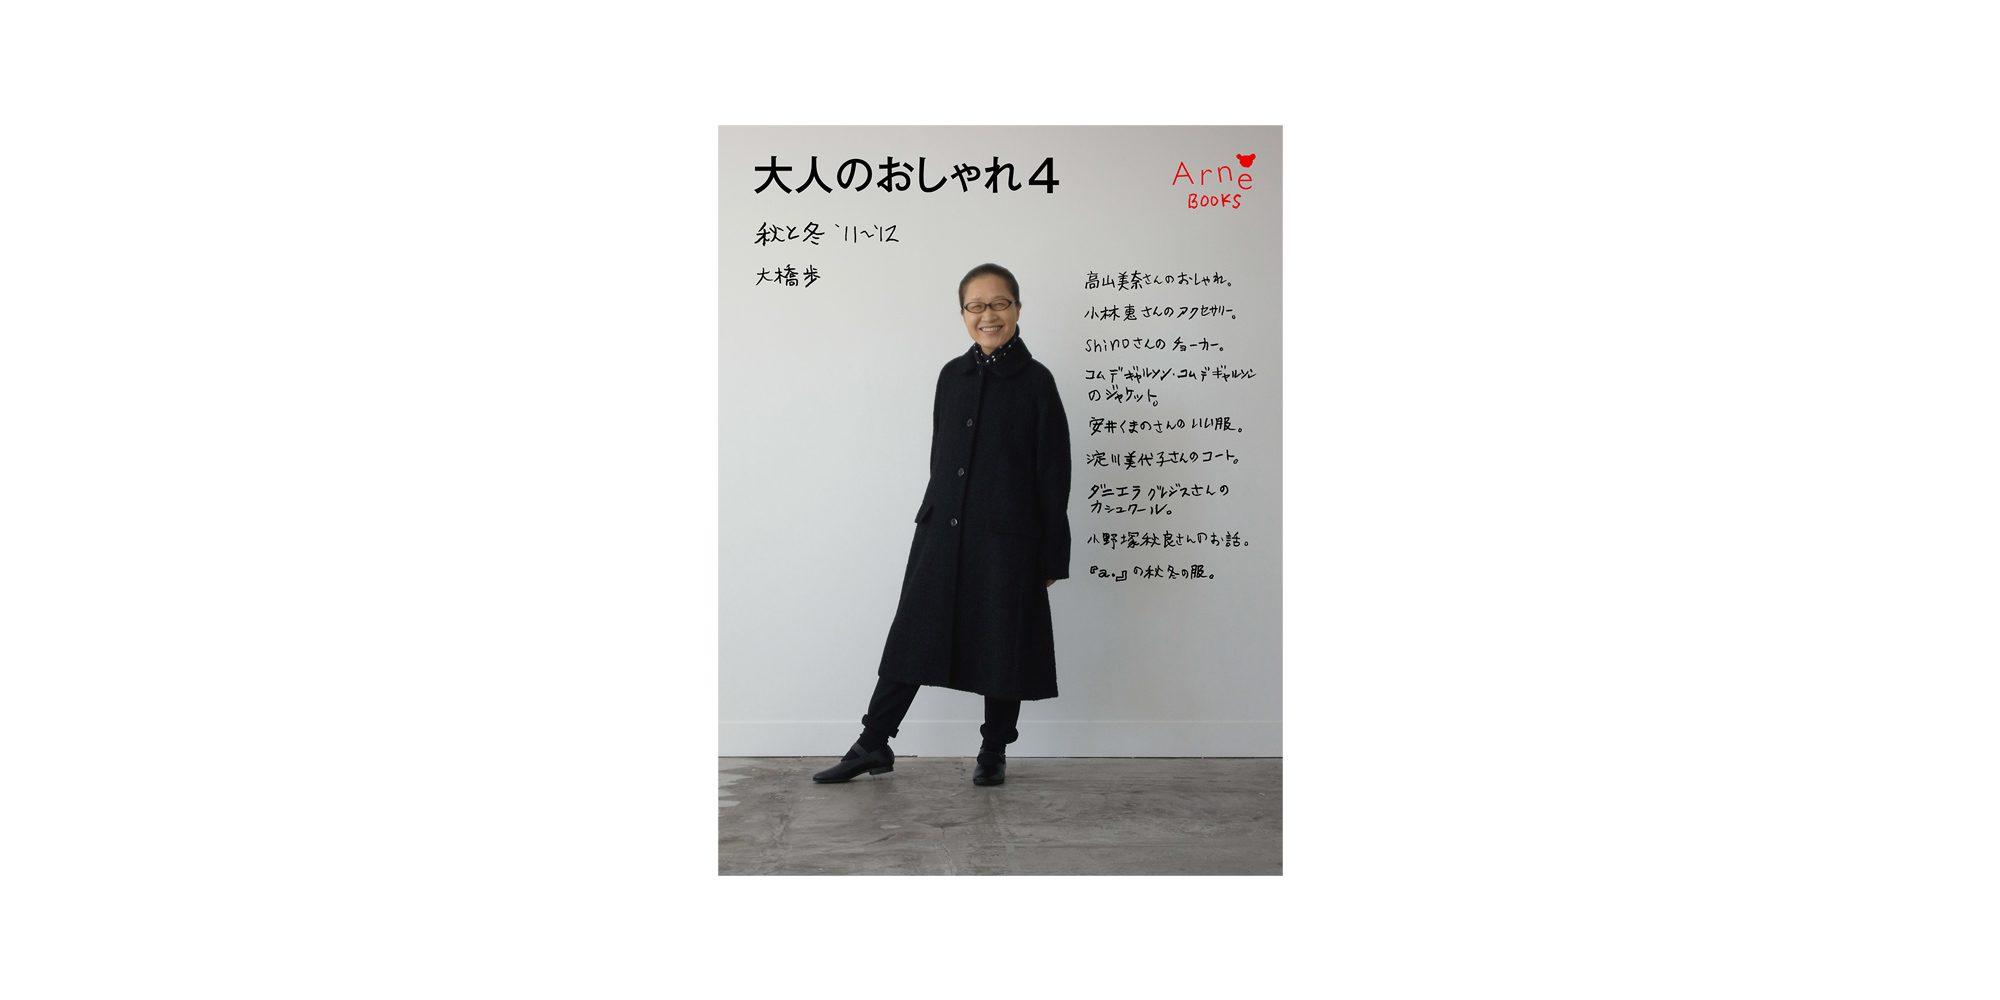 大人のおしゃれ4 秋と冬 '11~'12